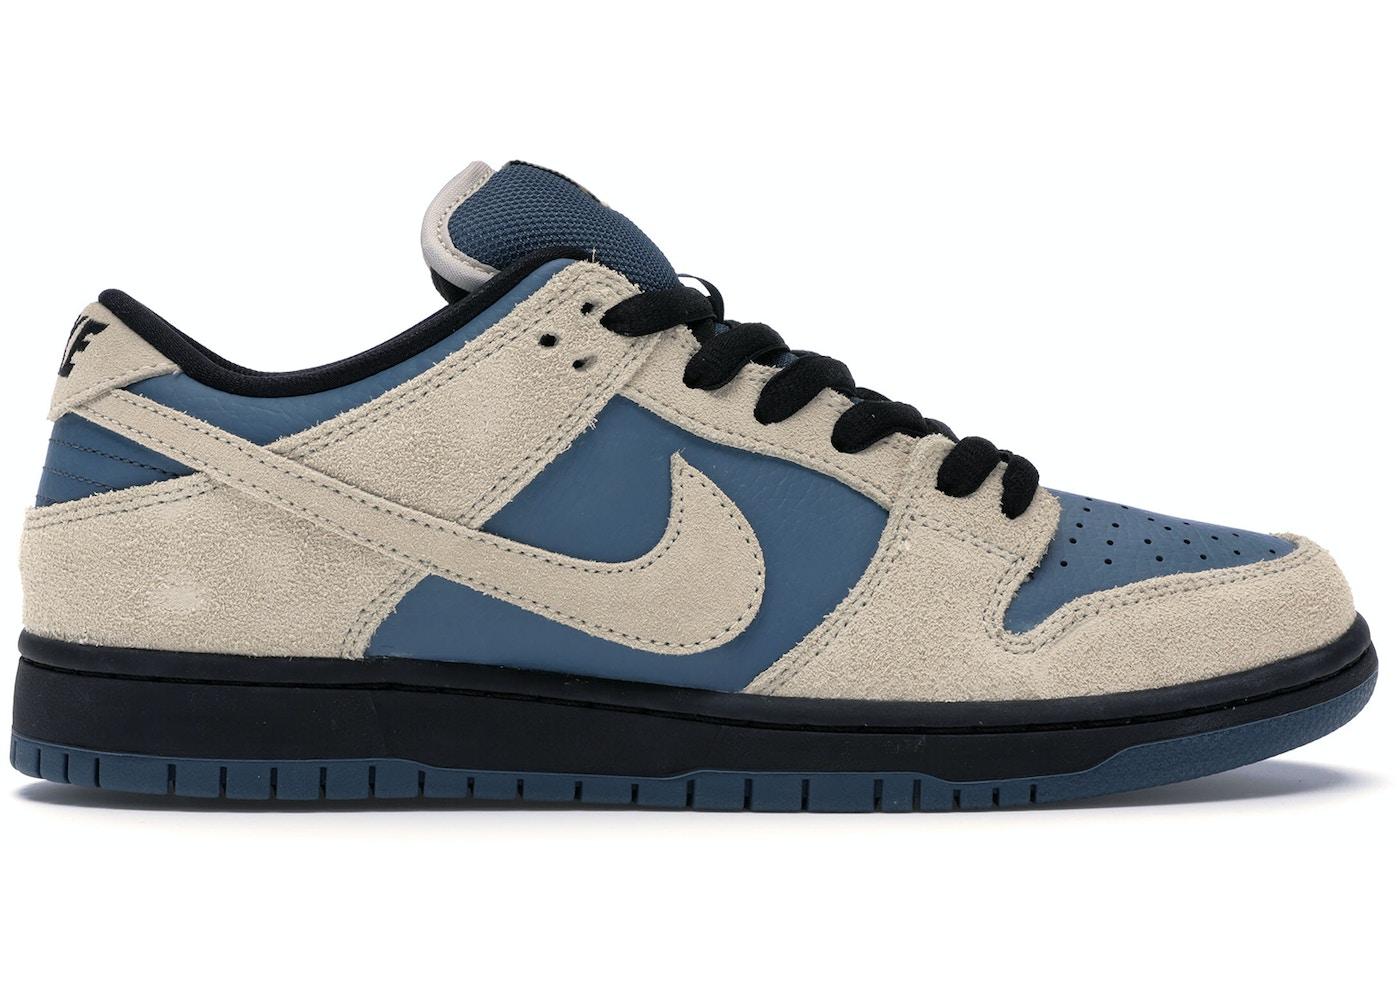 457dabd647de Buy Nike SB Shoes   Deadstock Sneakers